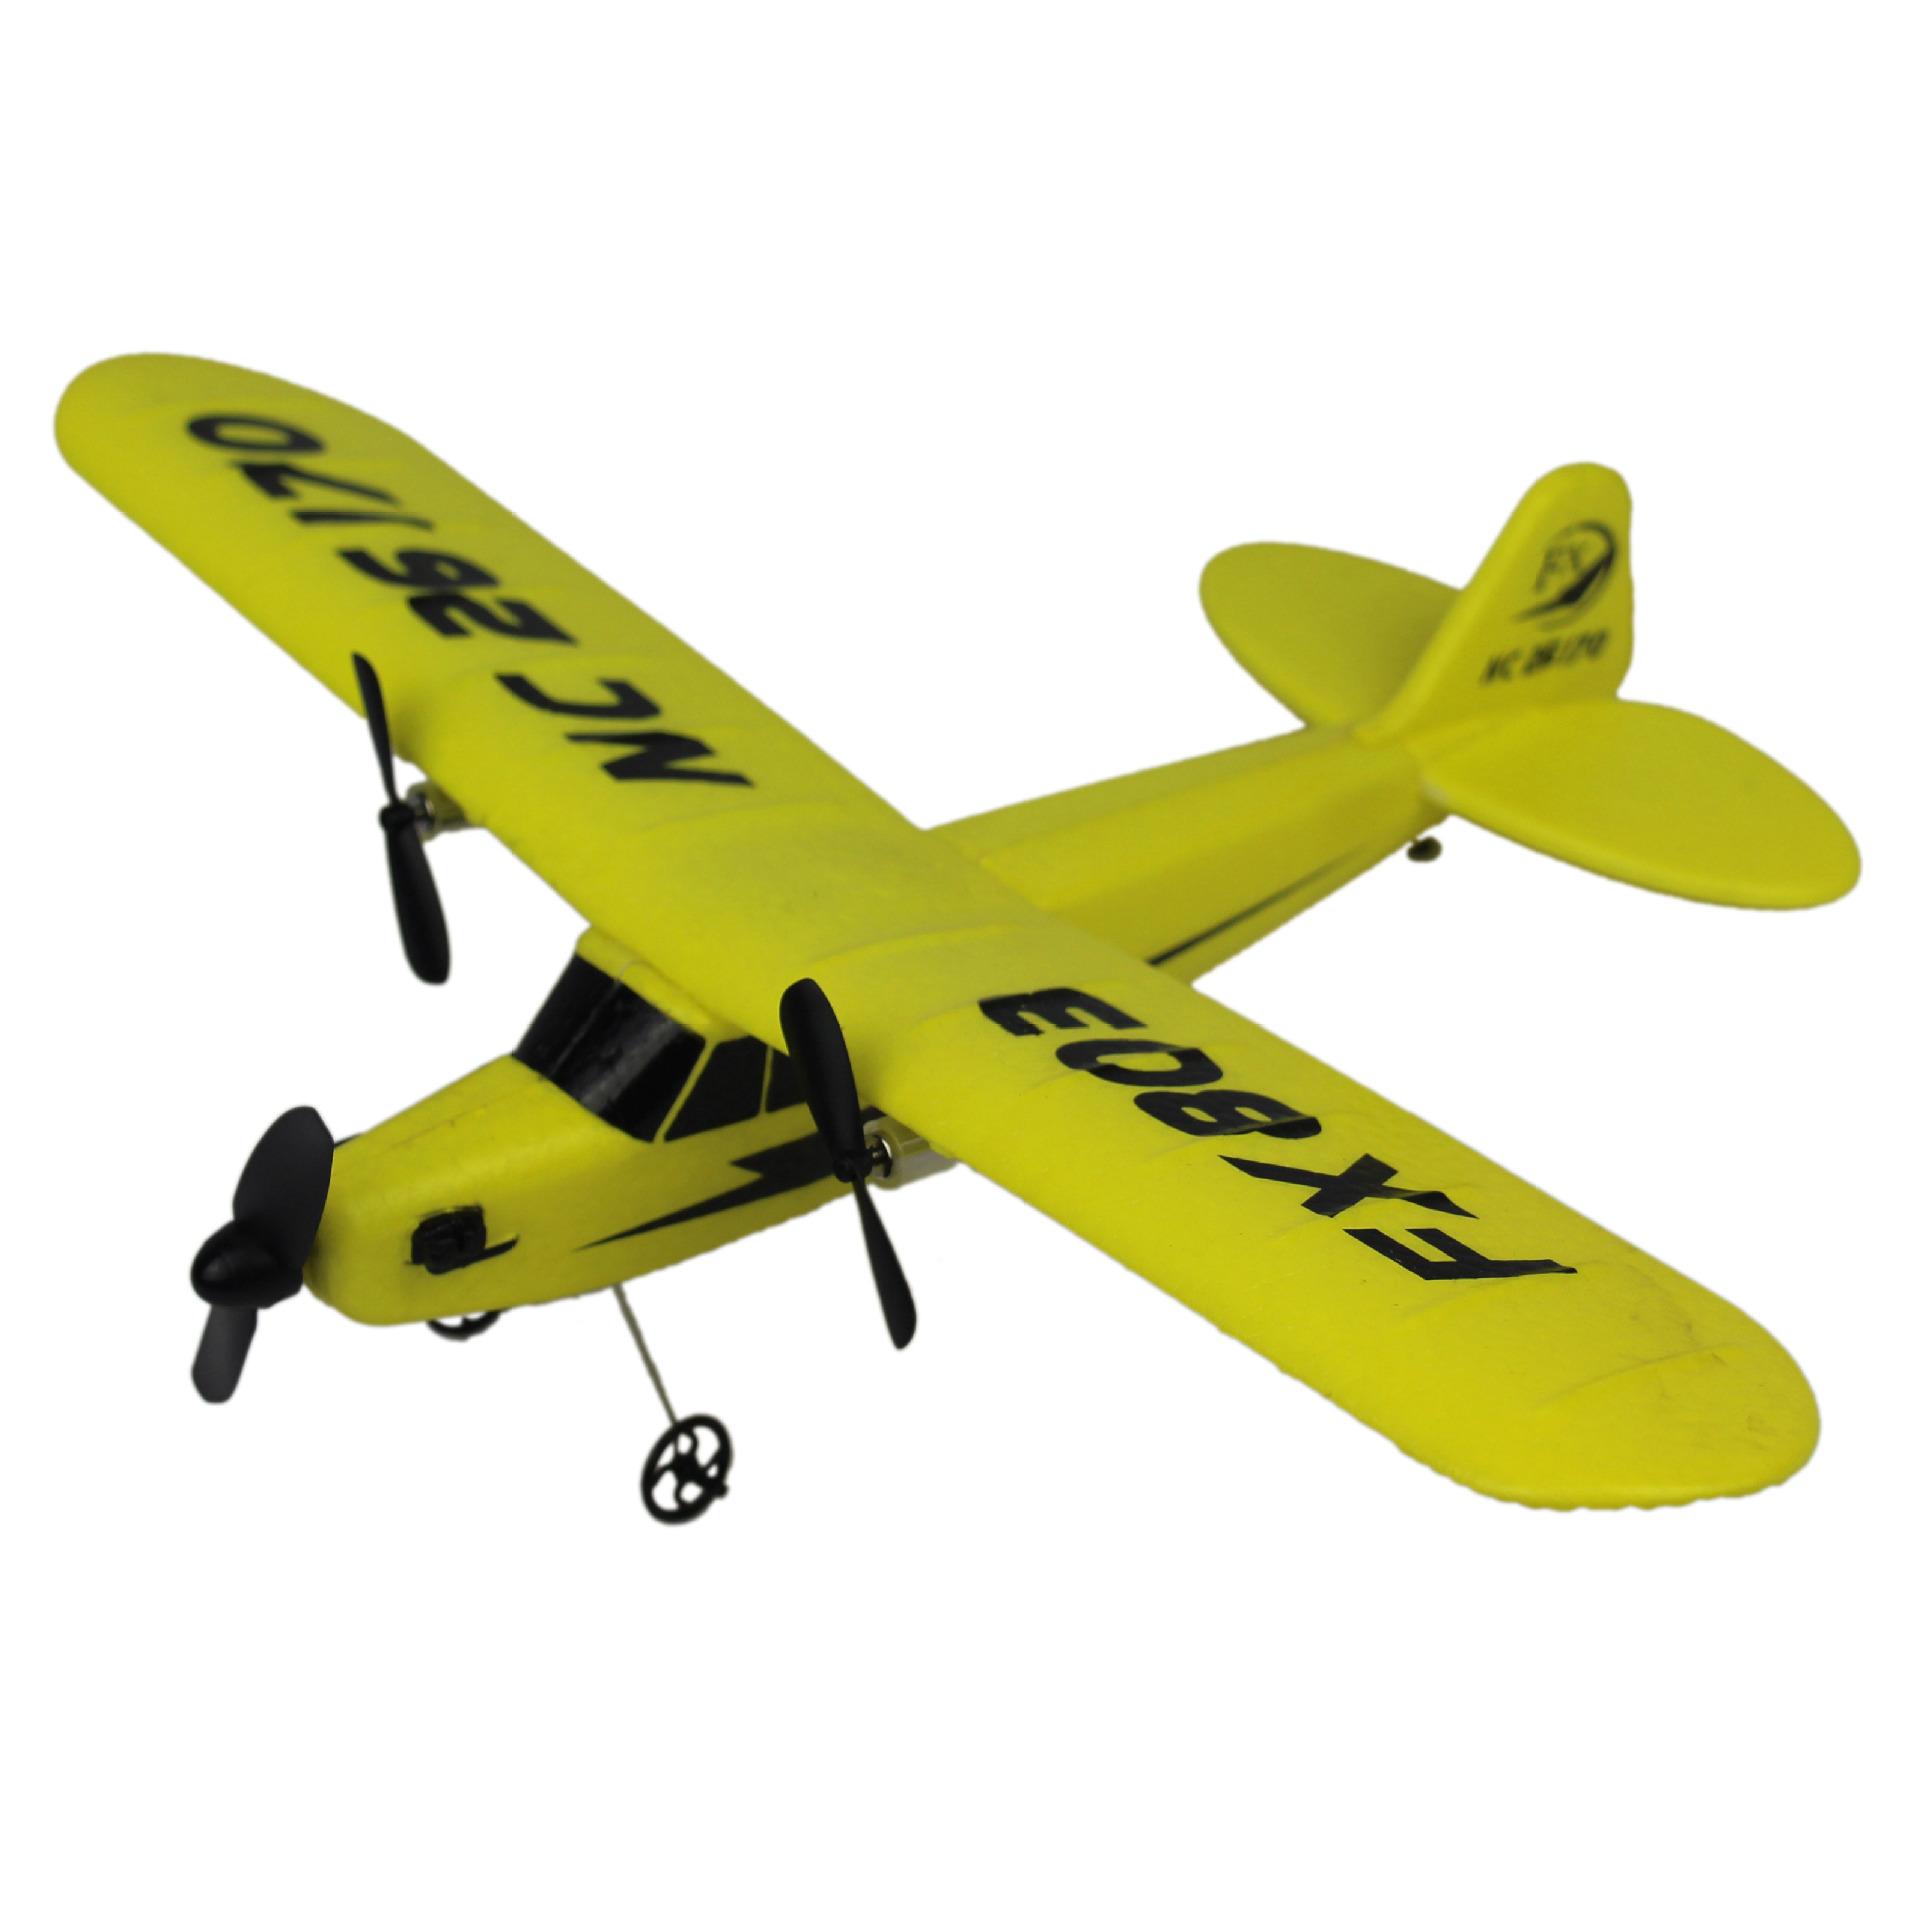 JDRC Máy bay điều khiển từ xa 2.4G hai chiều Máy bay bọt xốp FX804 Máy bay điều khiển từ xa cánh cố